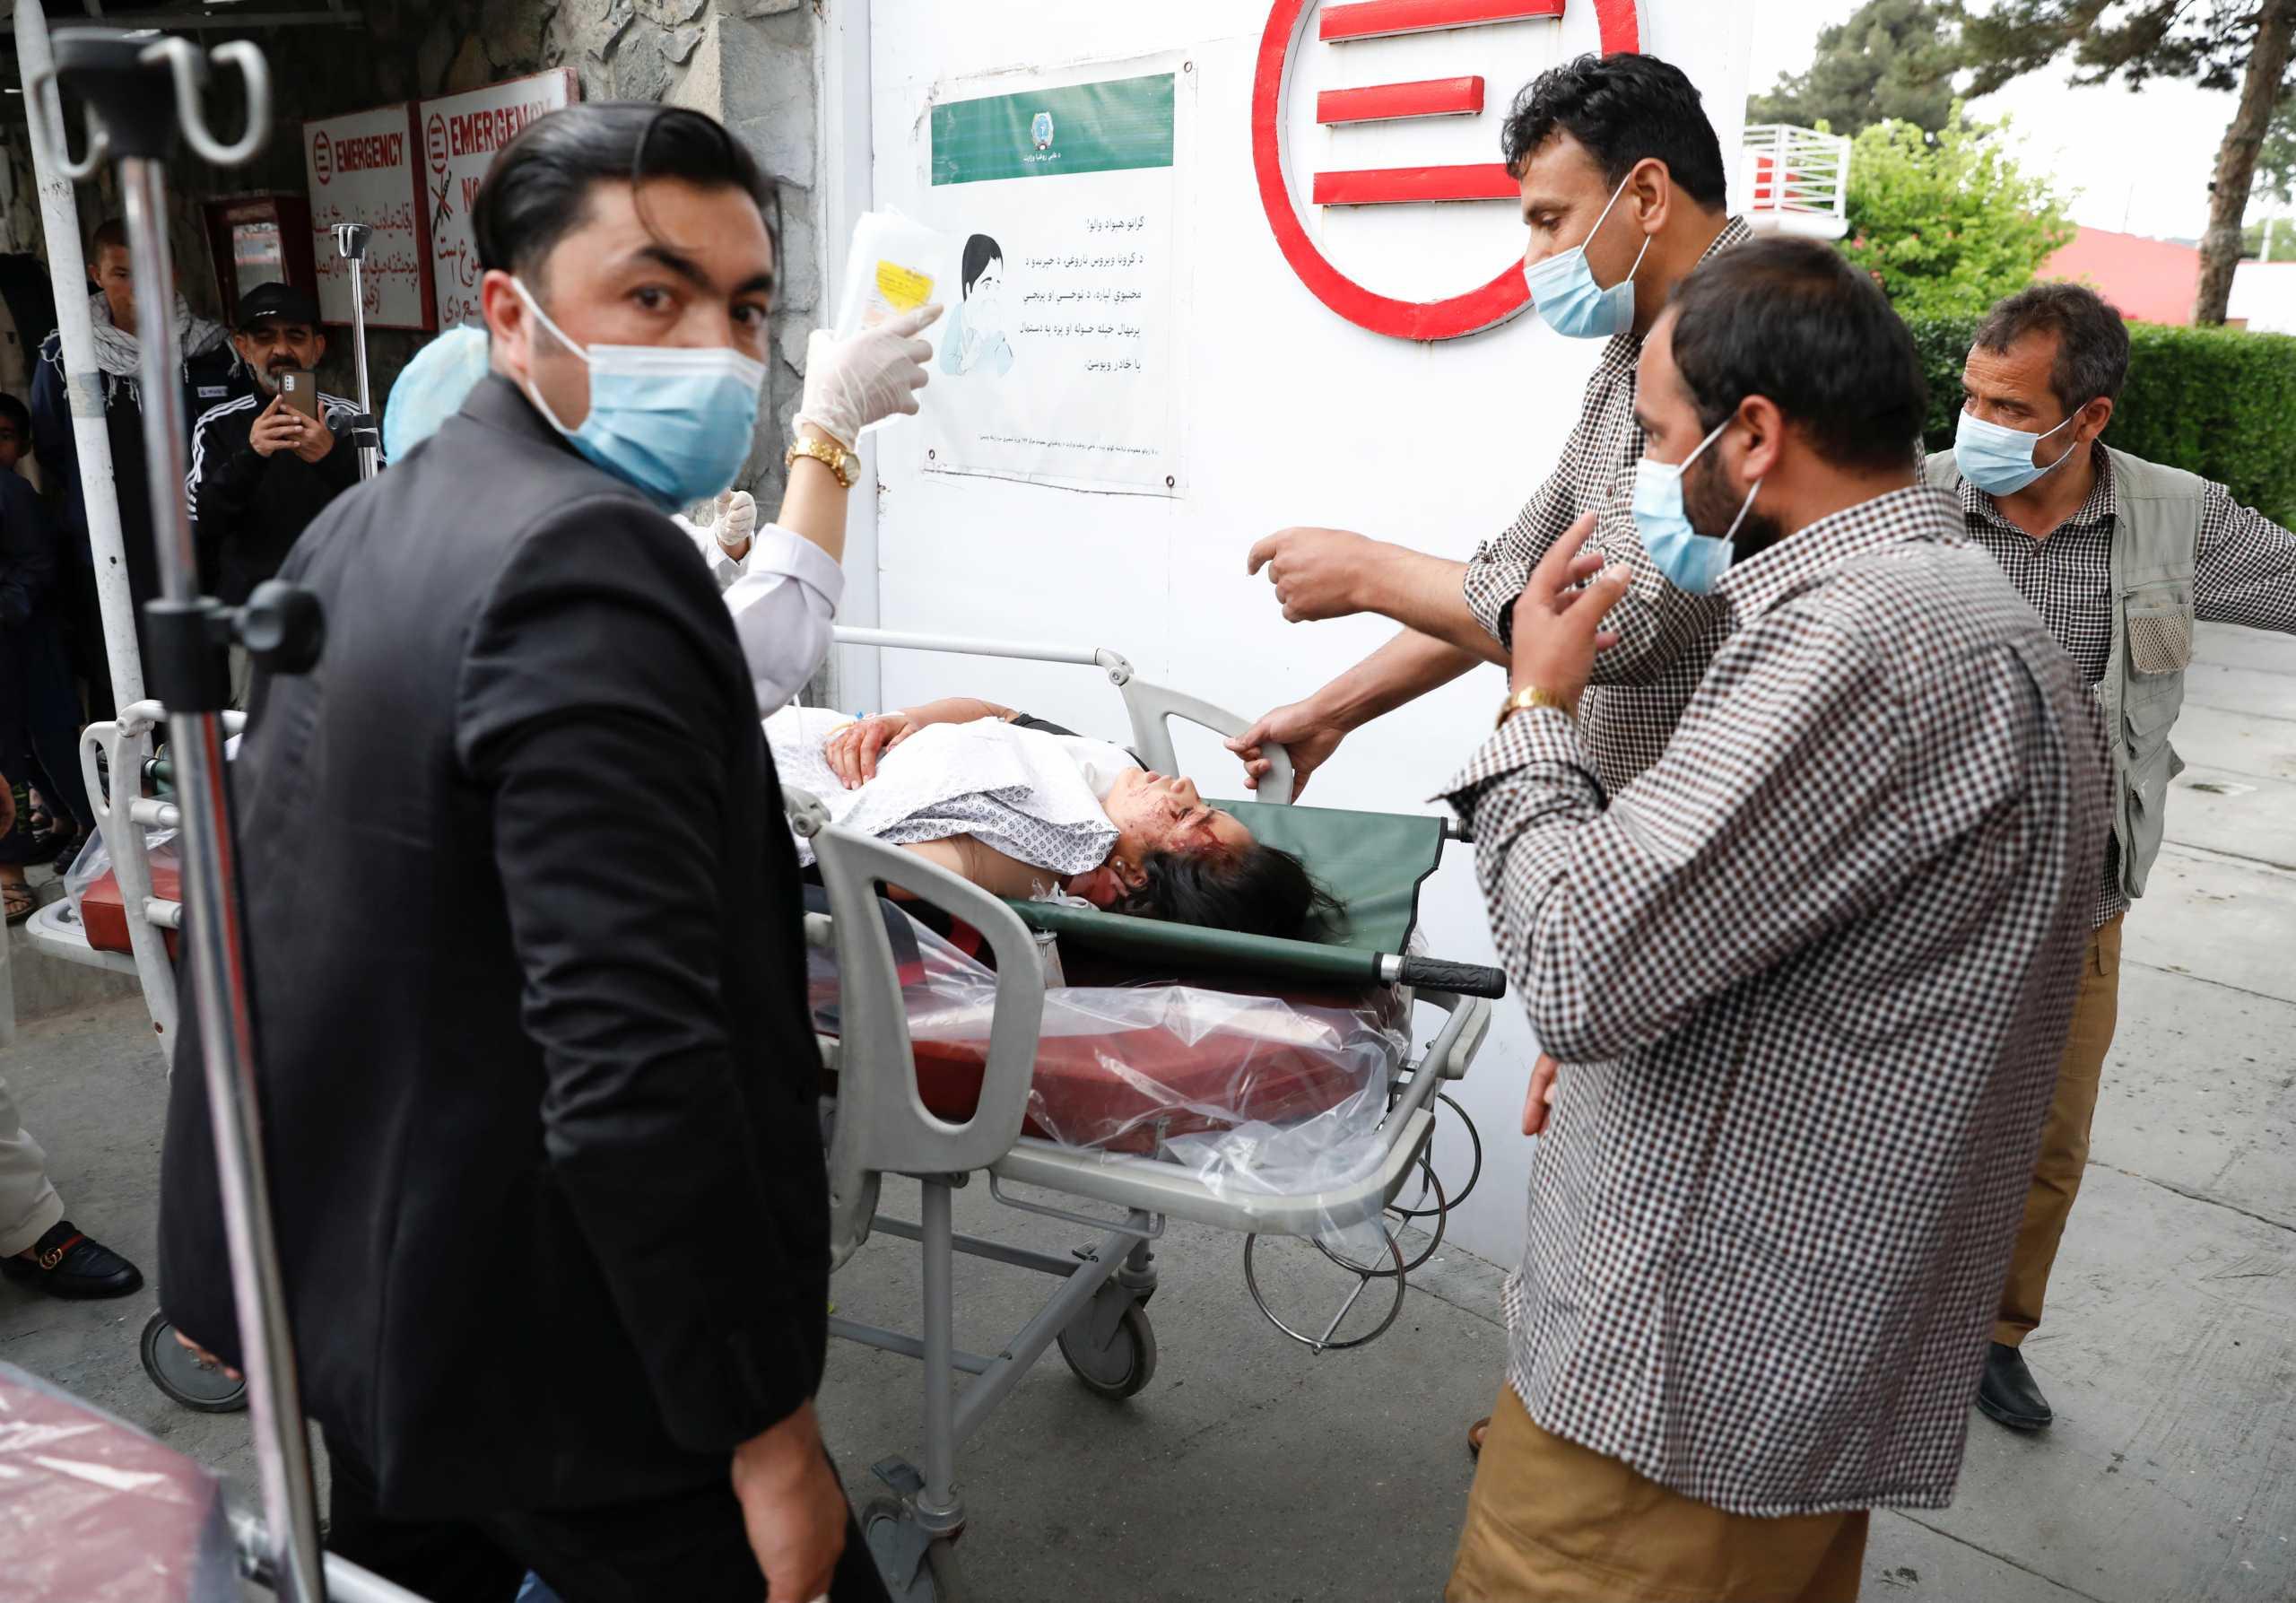 Μακελειό στην Καμπούλ – Τουλάχιστον 40 νεκροί από  εκρήξεις κοντά σε σχολείο